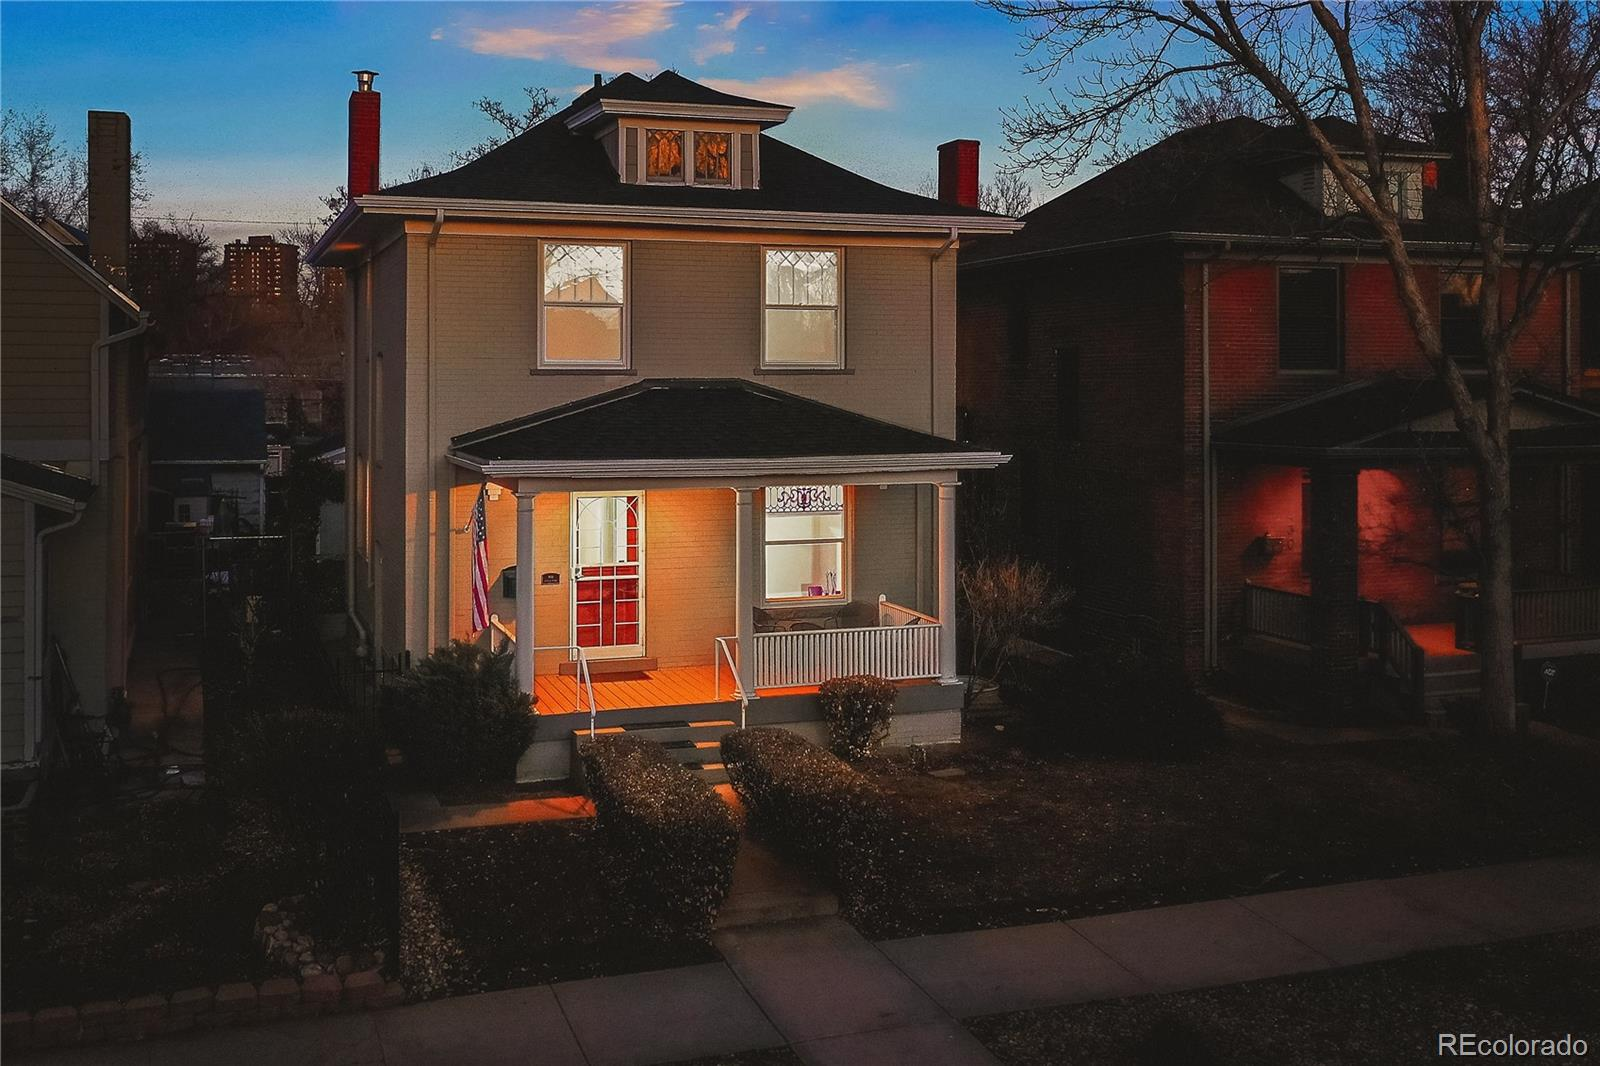 MLS# 4948515 - 3 - 424 S Pennsylvania Street, Denver, CO 80209